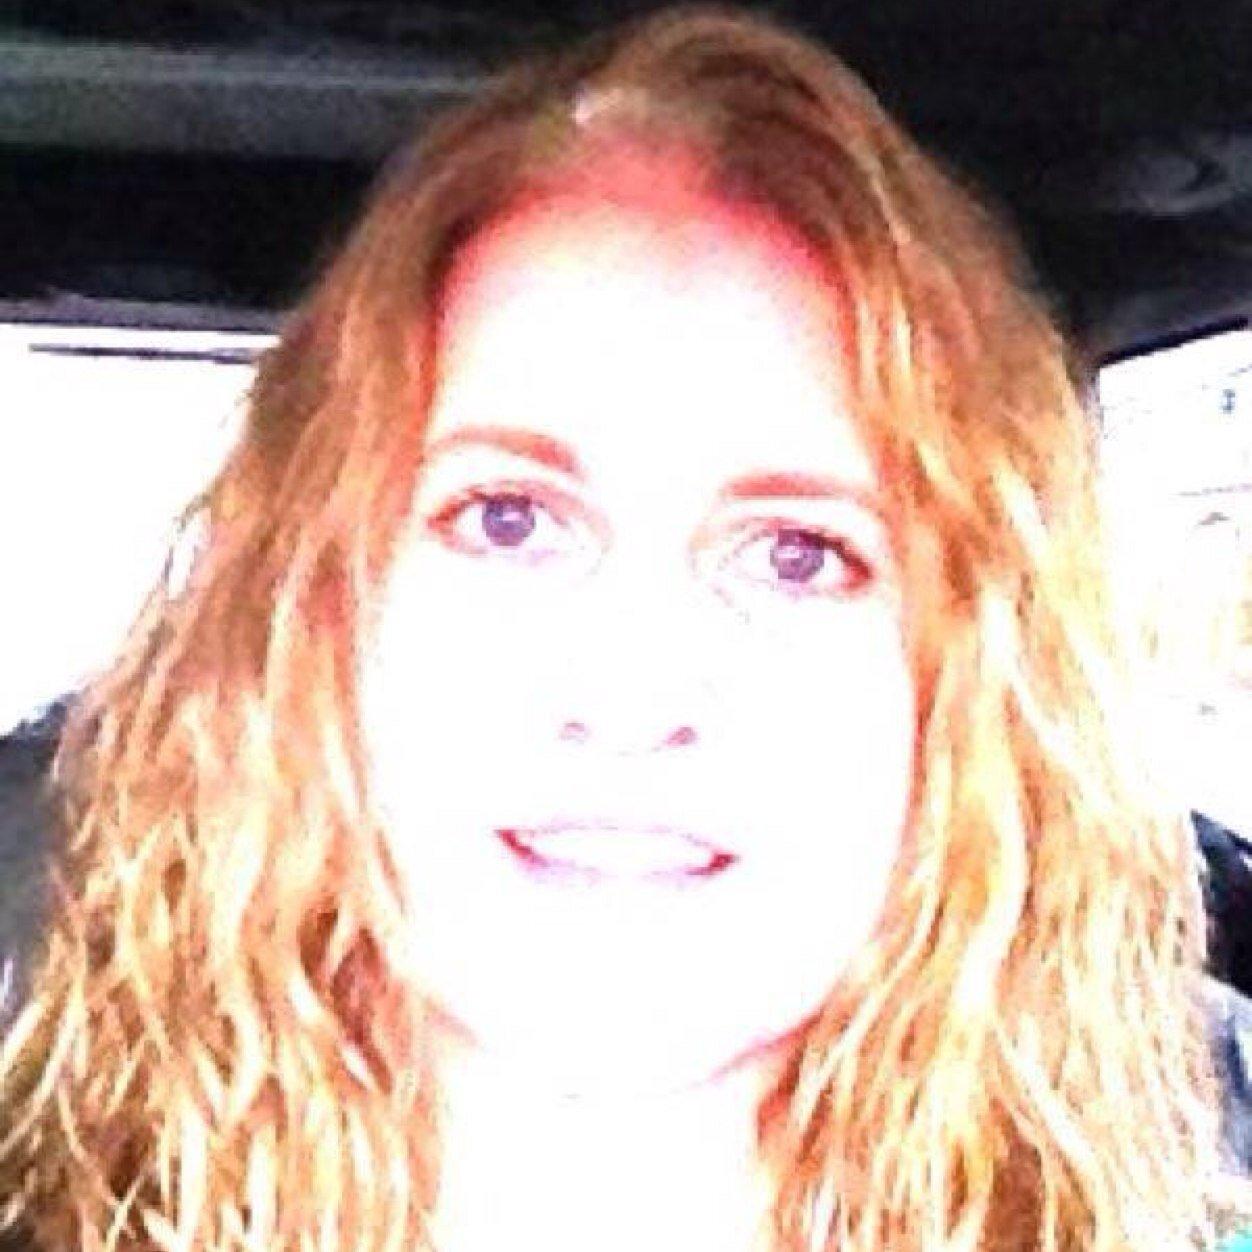 Selfie Jennifer Weist nudes (94 pics) Pussy, Facebook, butt